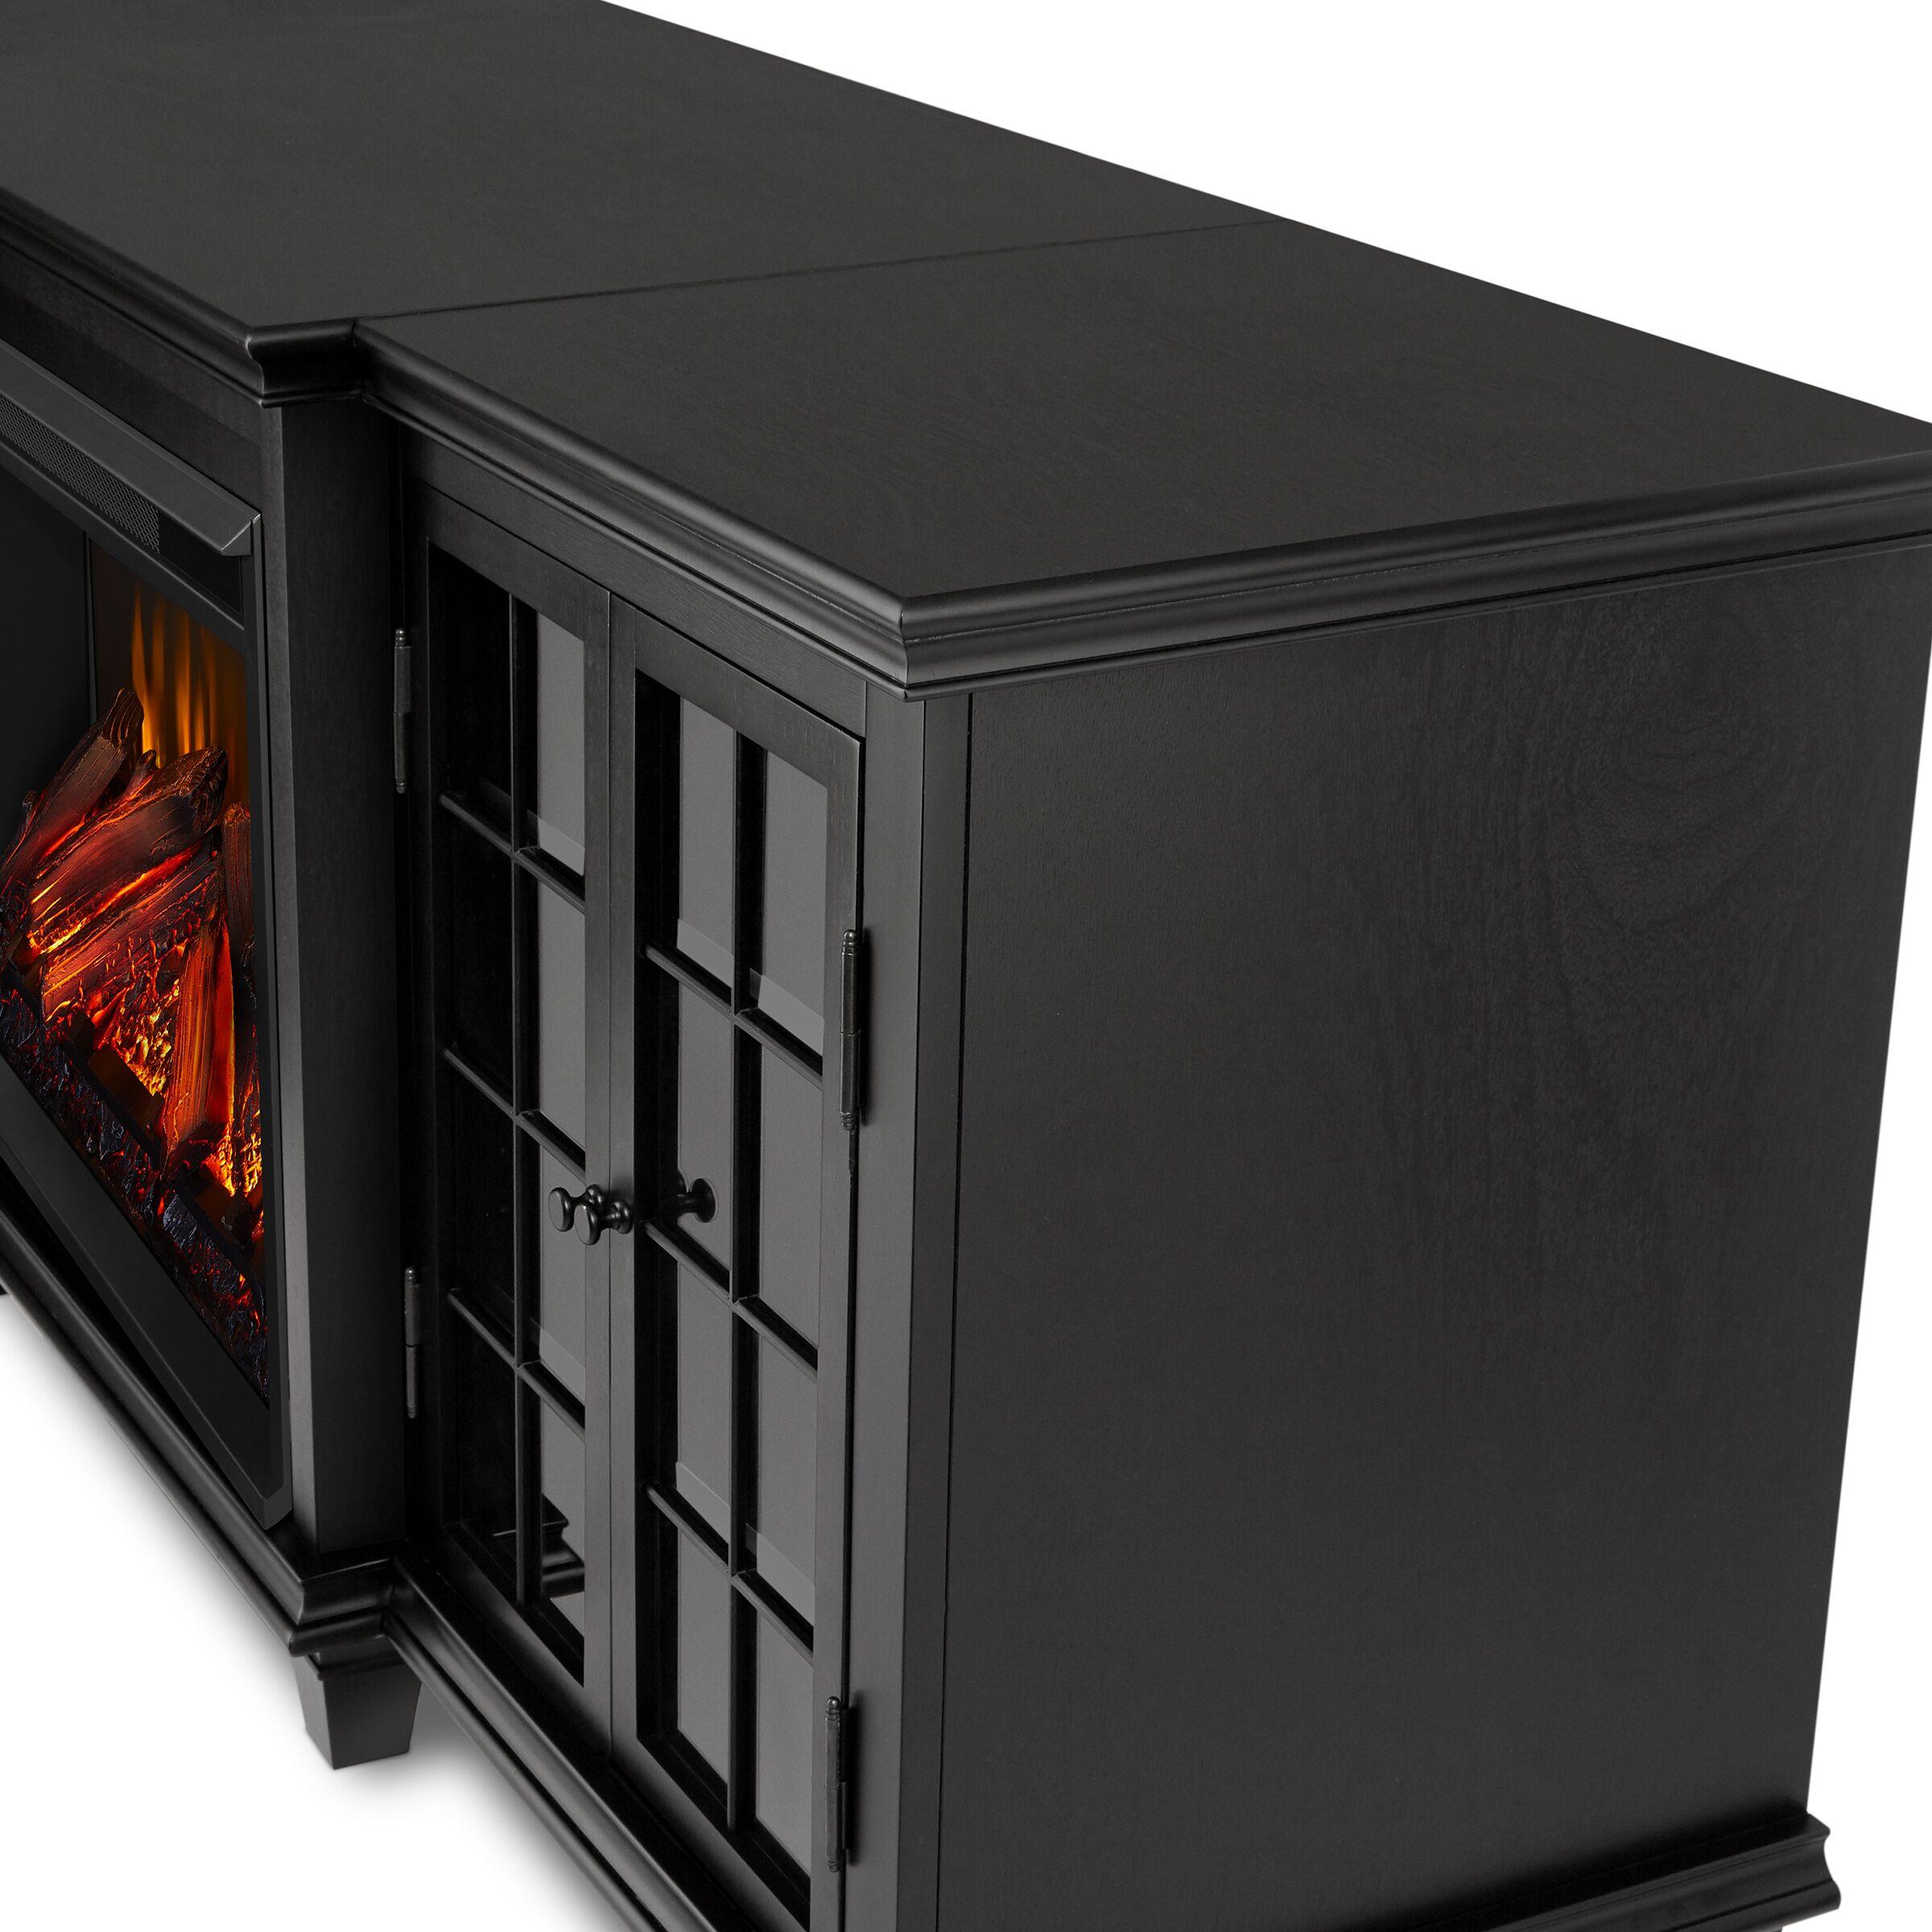 Black Electric Fireplace Frame Details